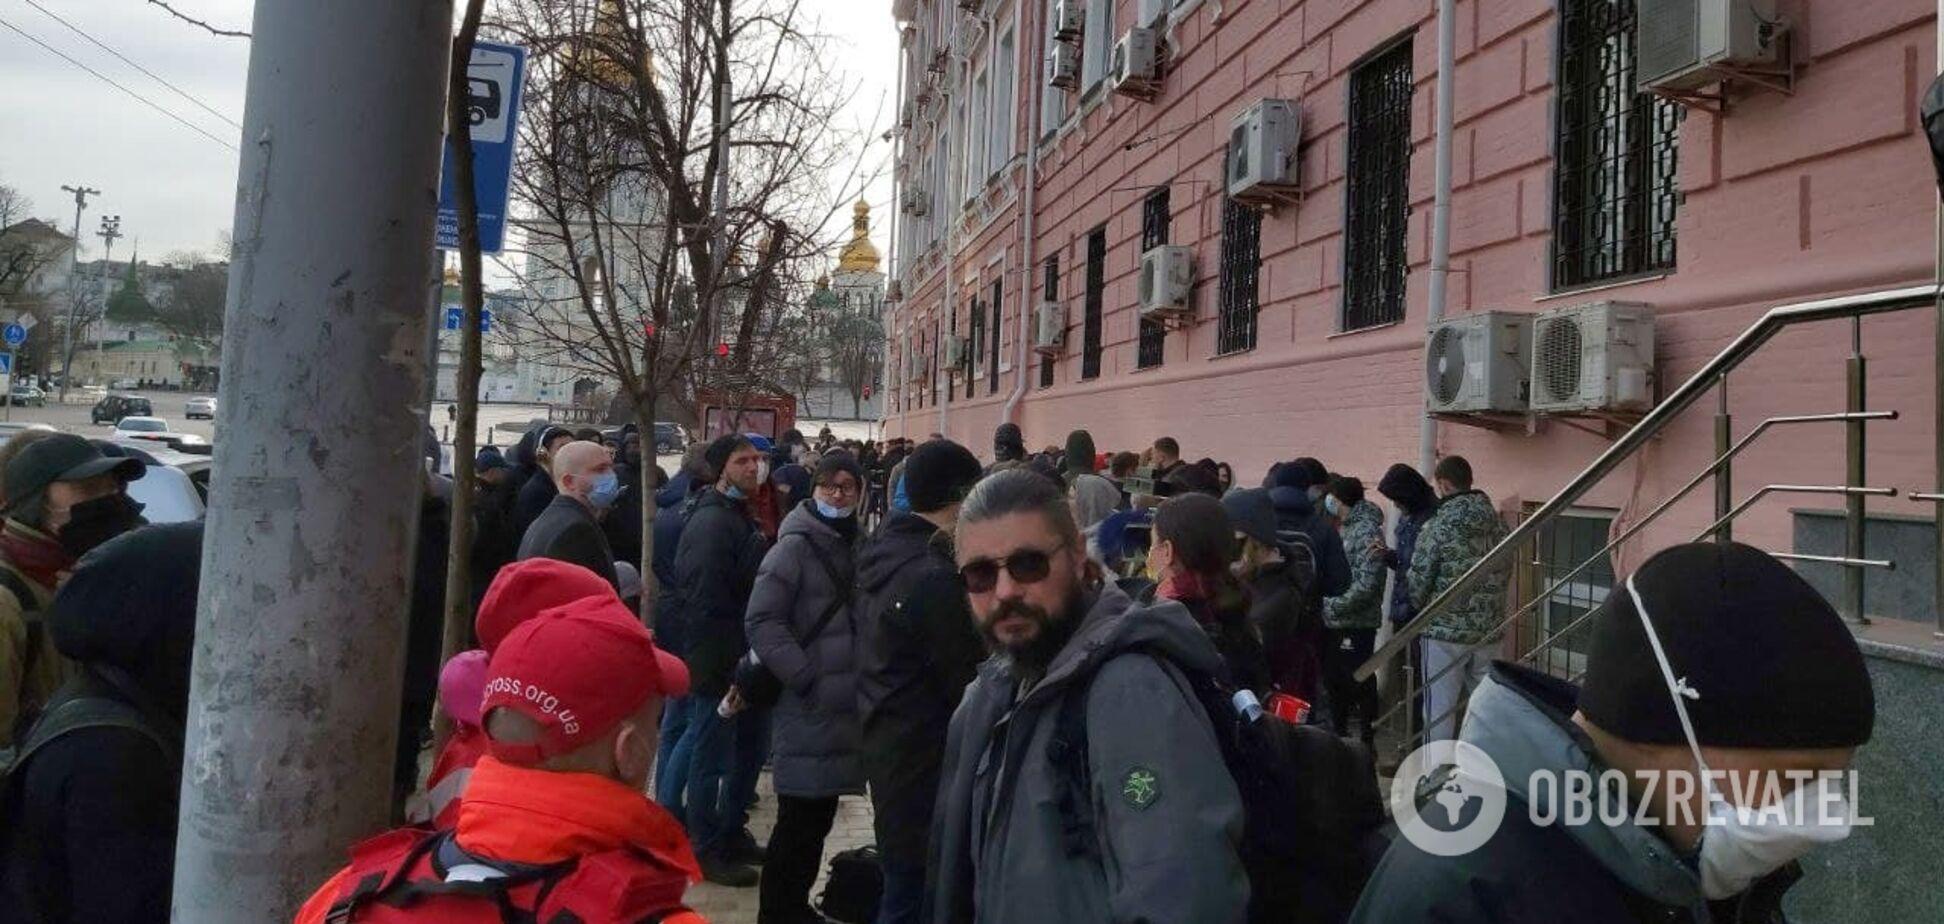 К Печерскому райсуду пришли люди в поддержку задержанных под ОП. Фото